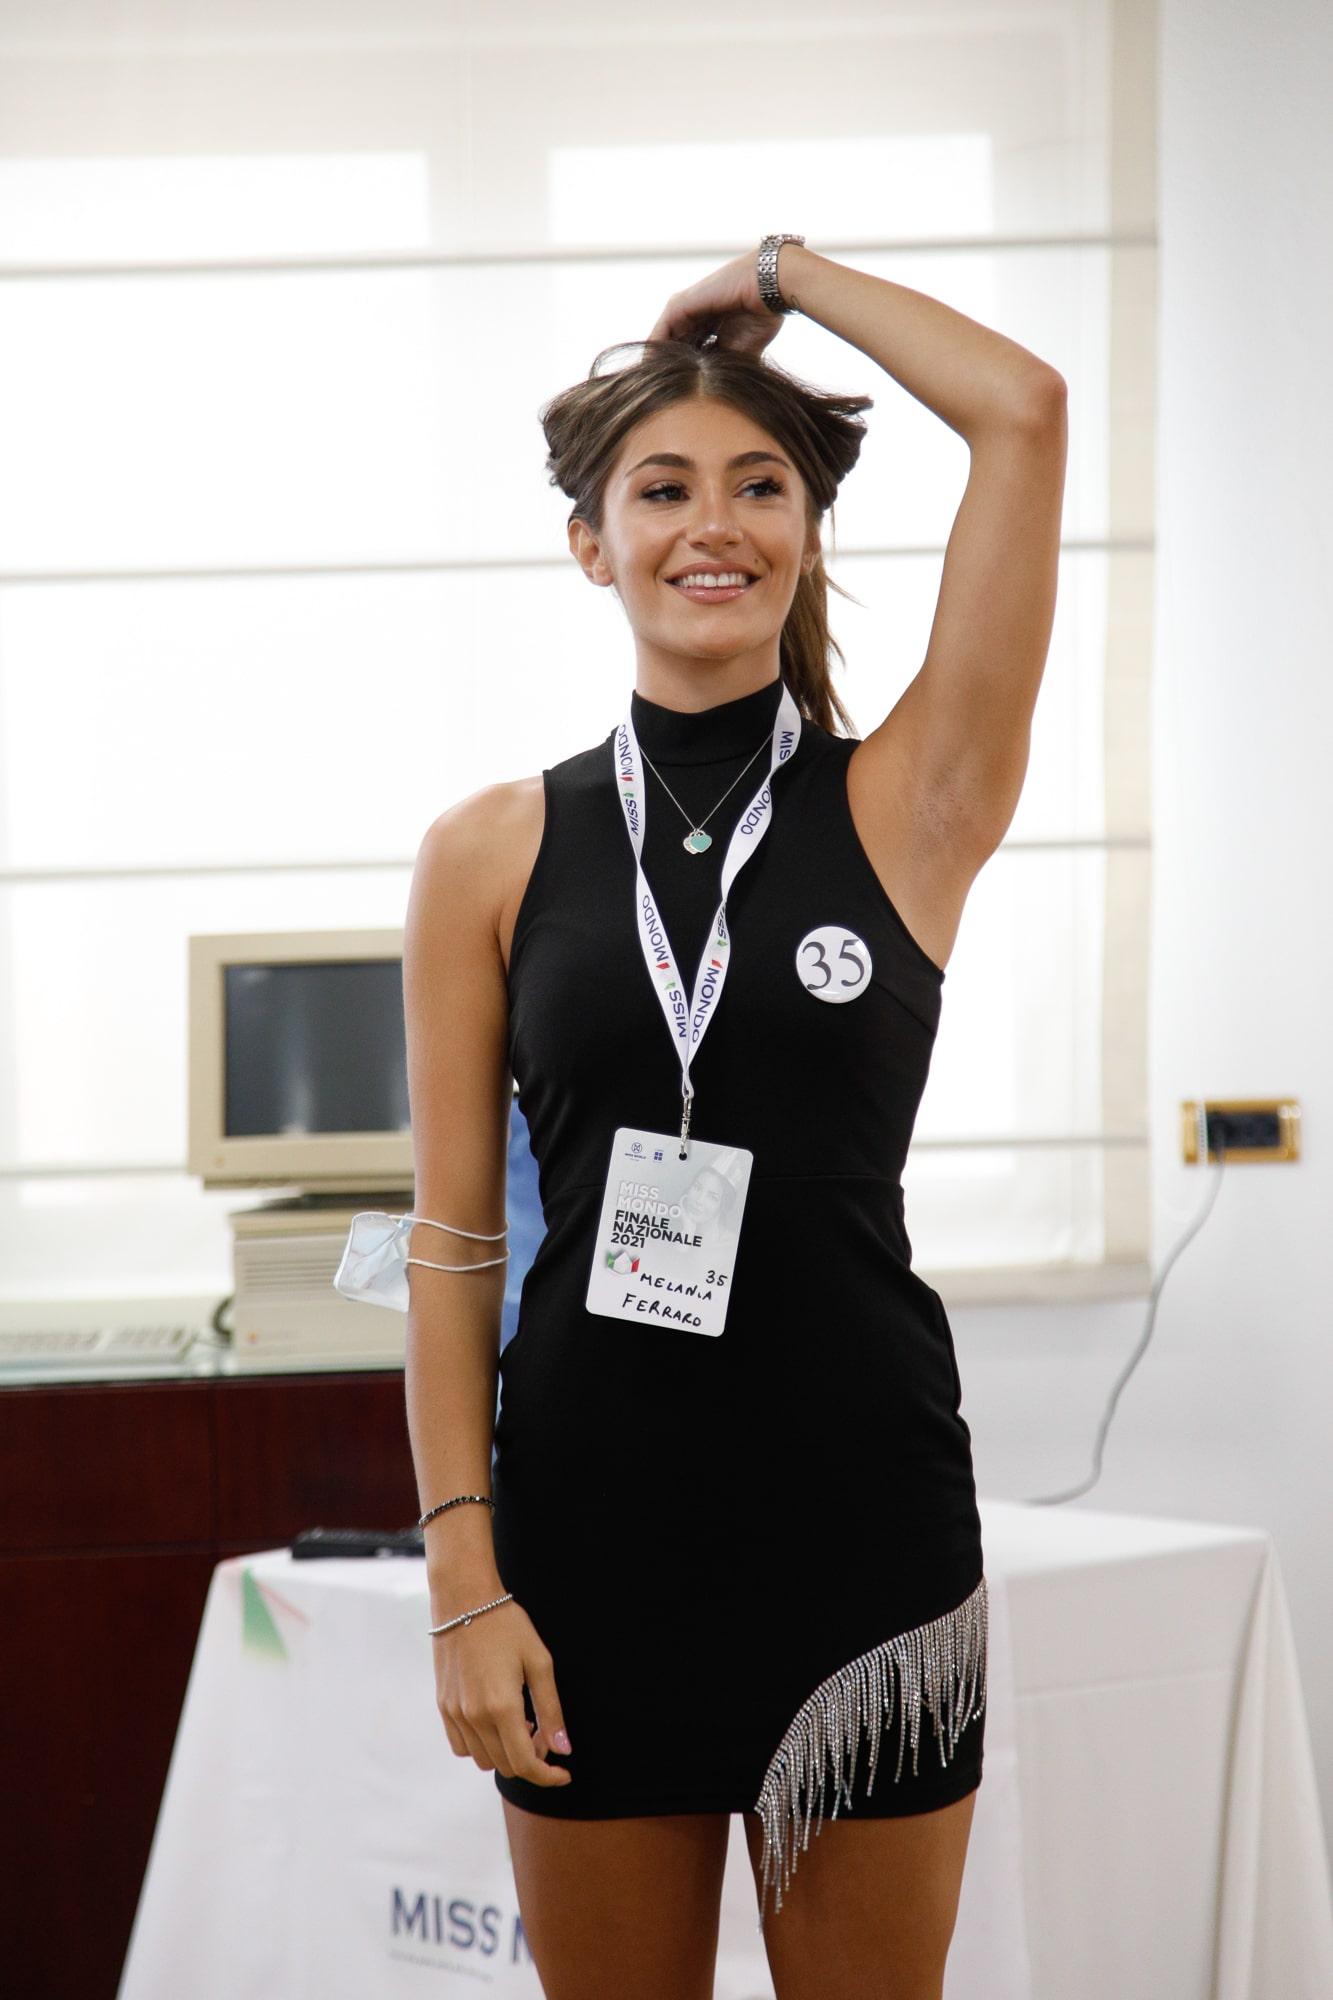 Secondo passaggio giuria per le ragazze di Missmondo Italia 2021 - 7